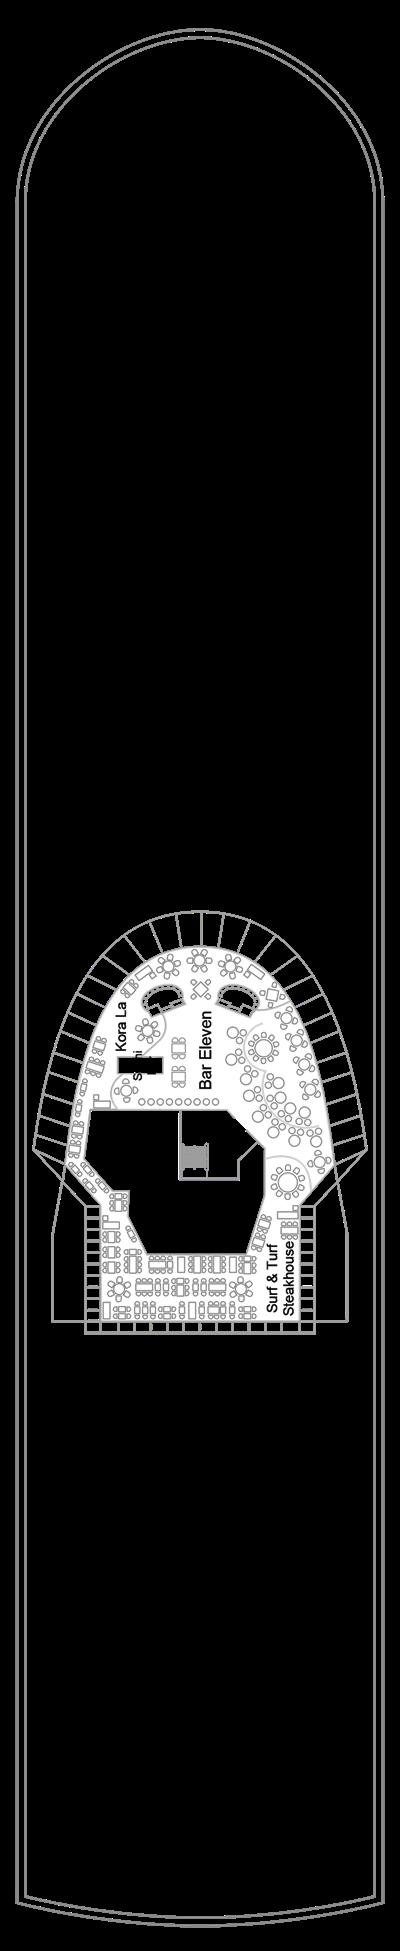 Deck 11-Marella Discovery